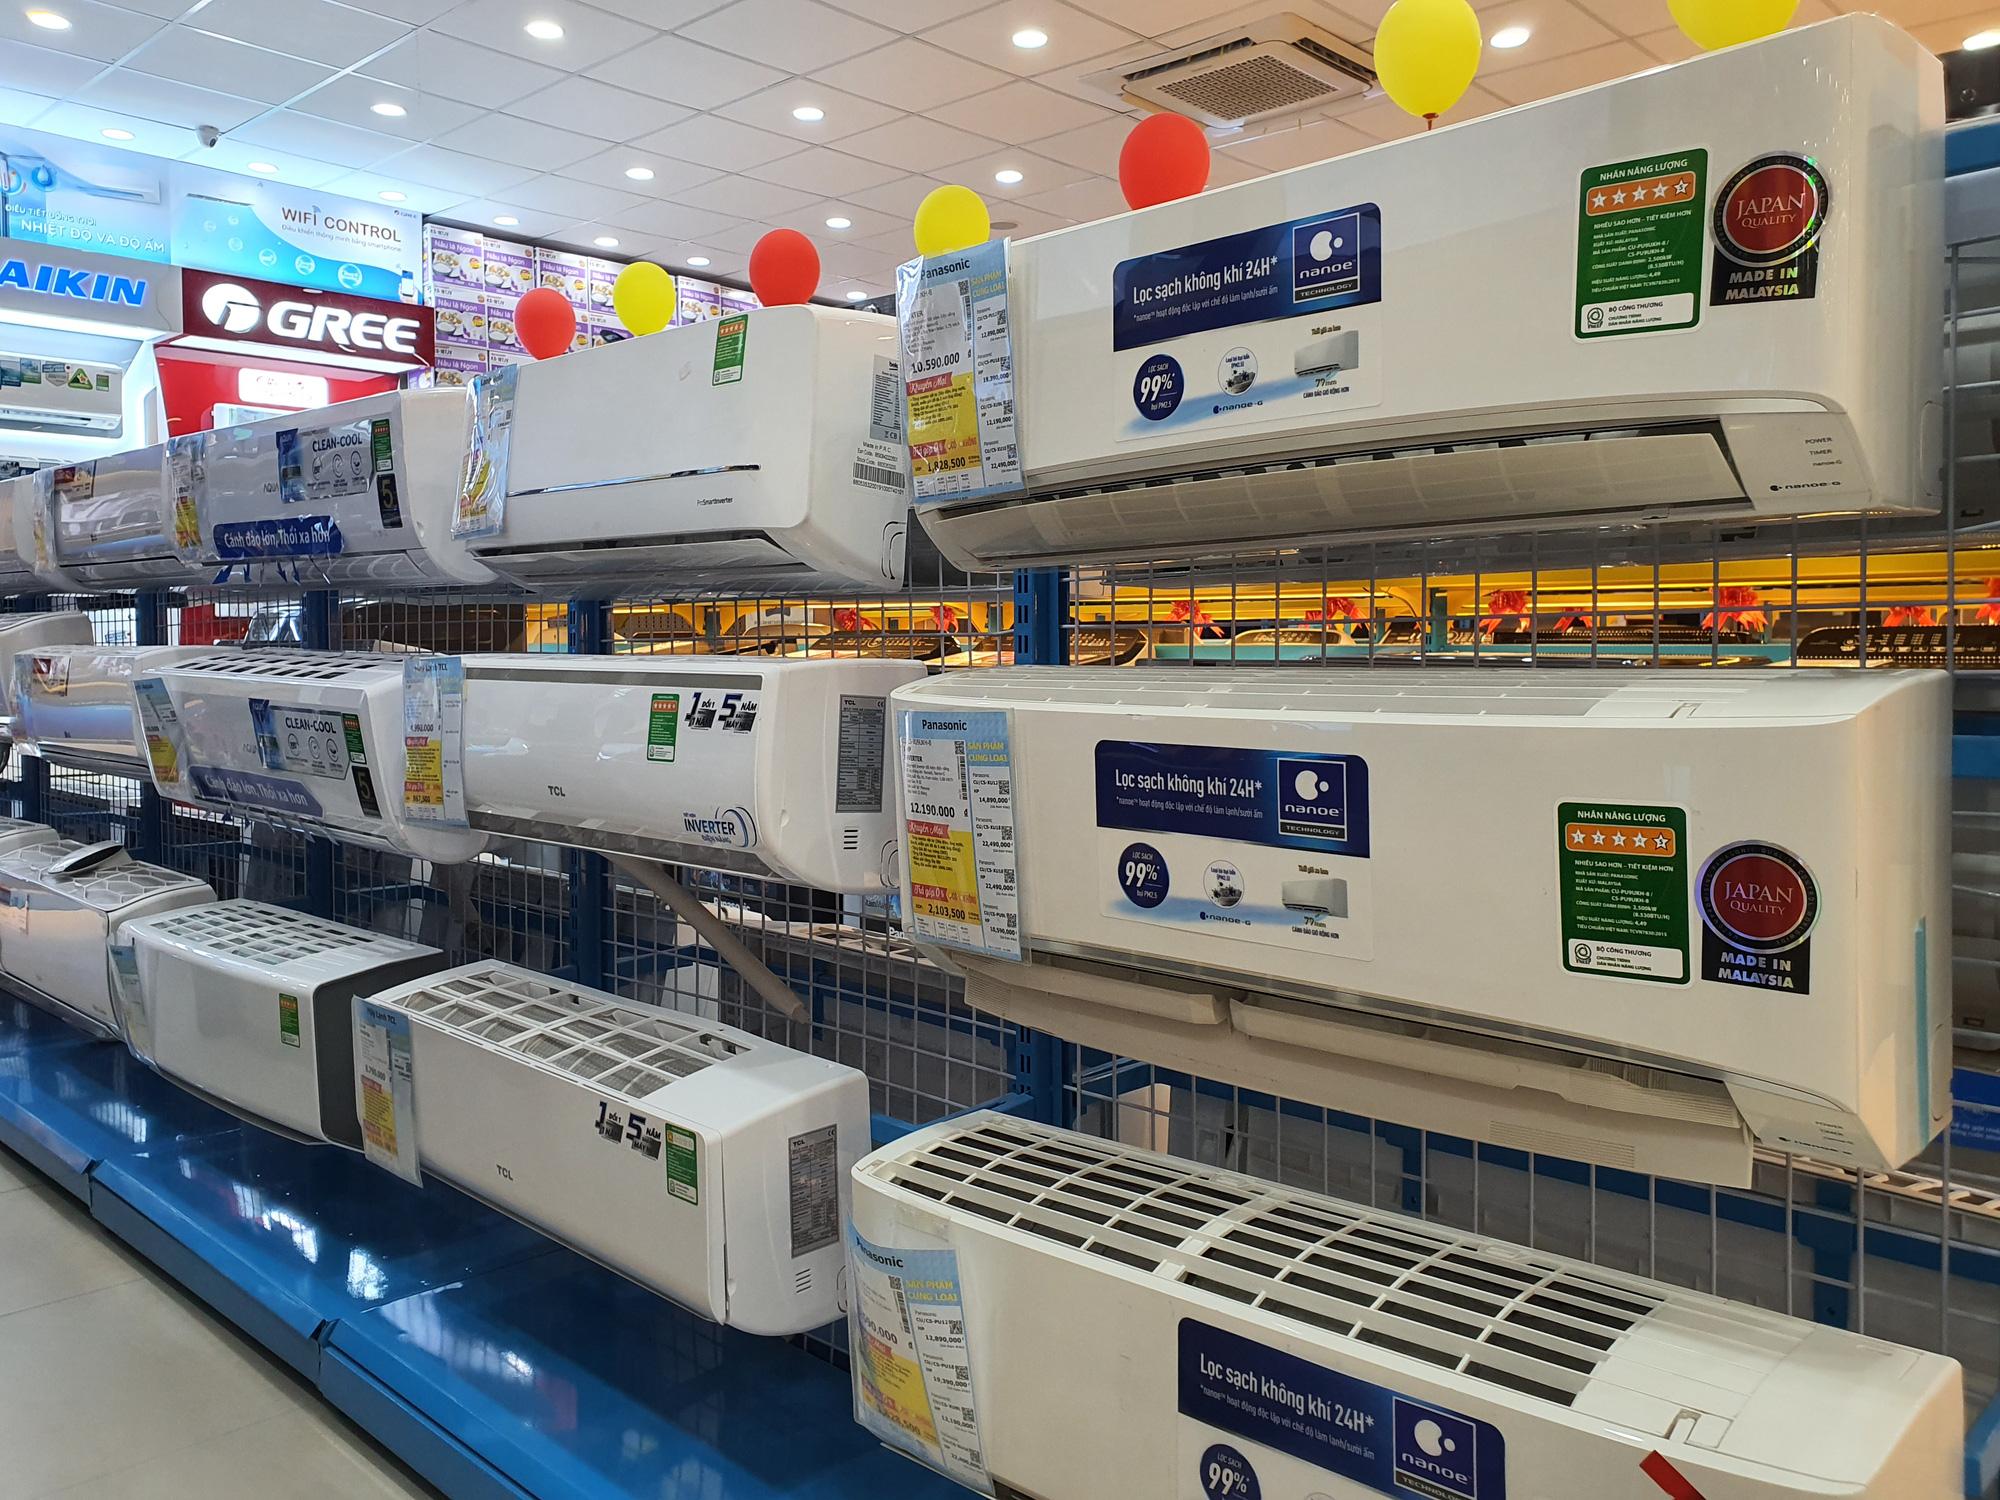 Điện lạnh giảm giá tiếp tục kích cầu cho hình thức mua online - Ảnh 1.